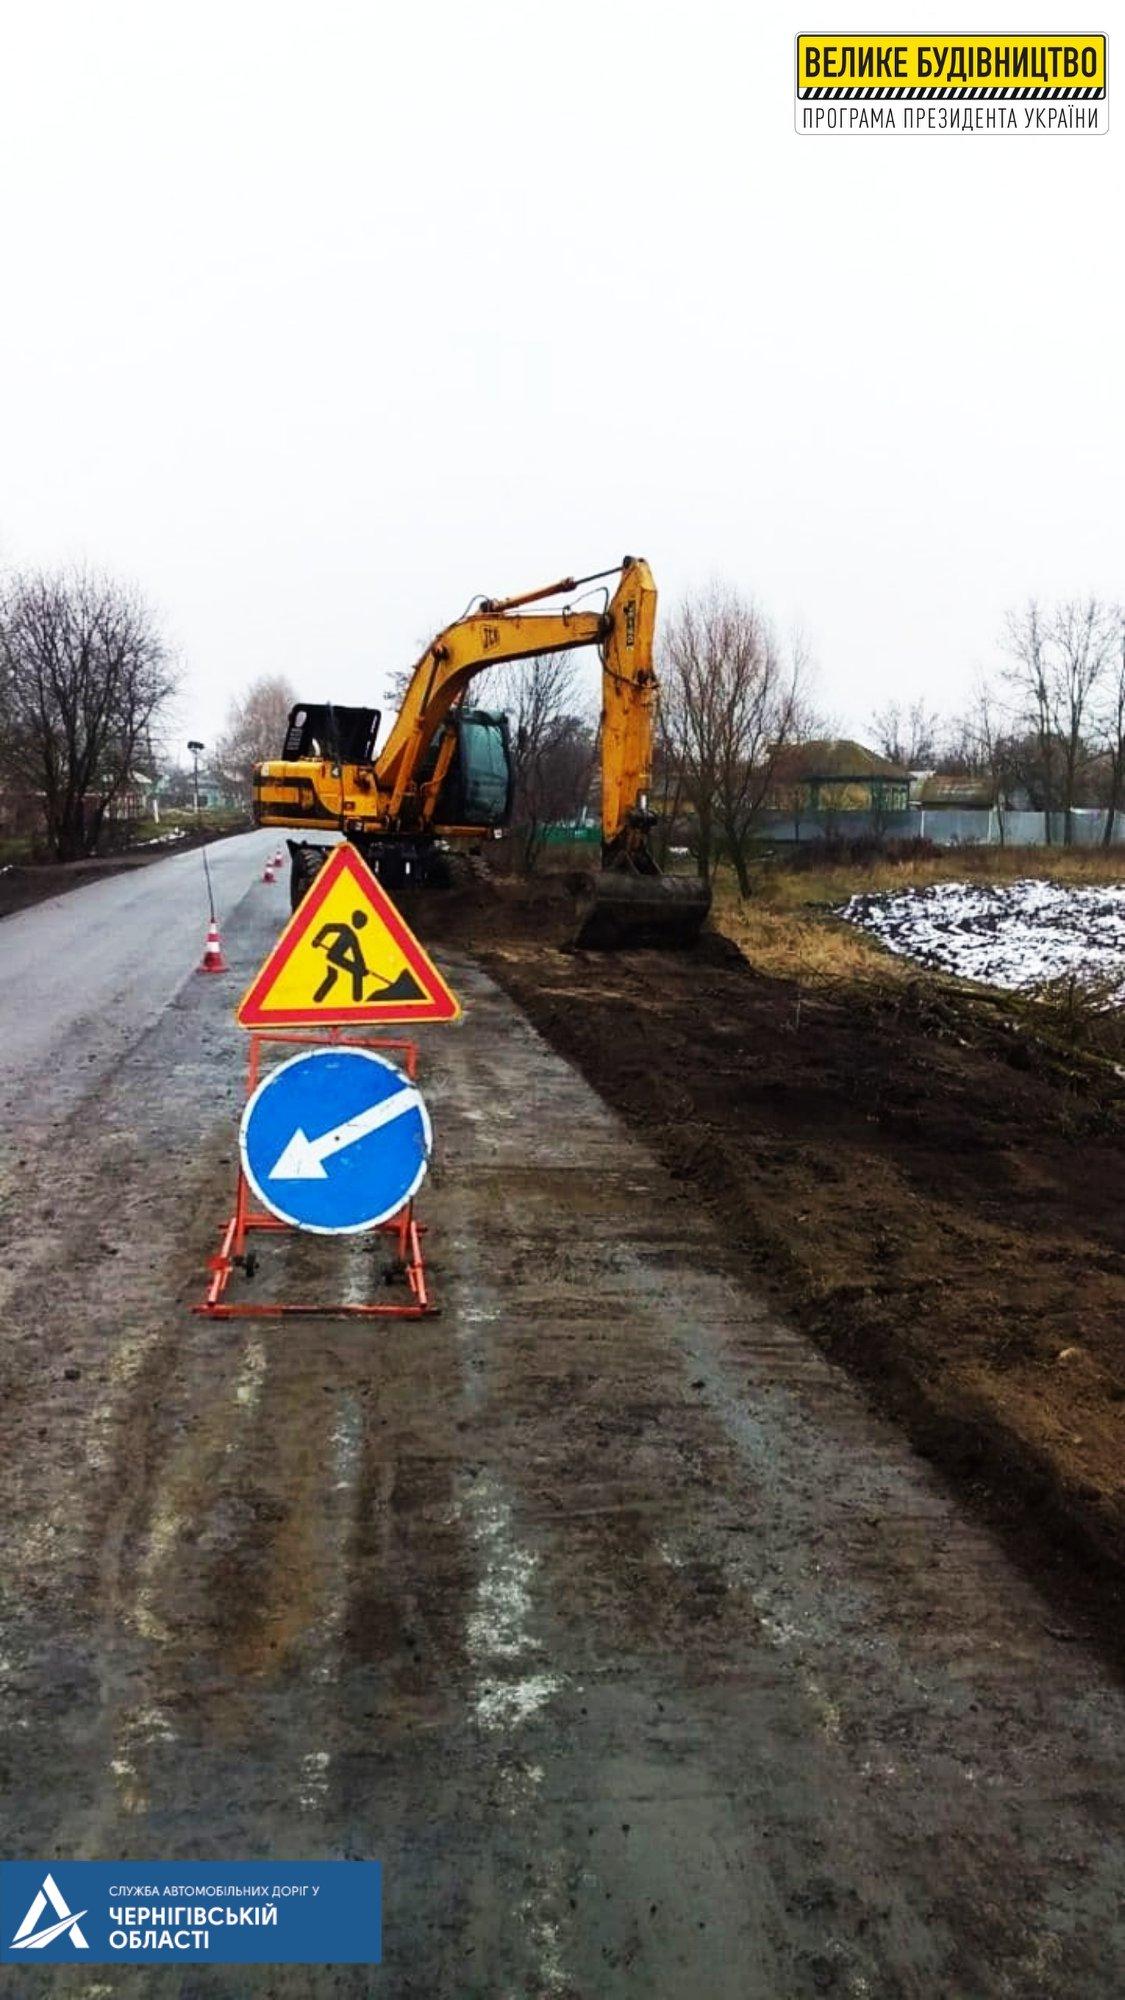 Цього року продовжиться ремонт дороги від Нового Бикова до Монастирища (Фото)